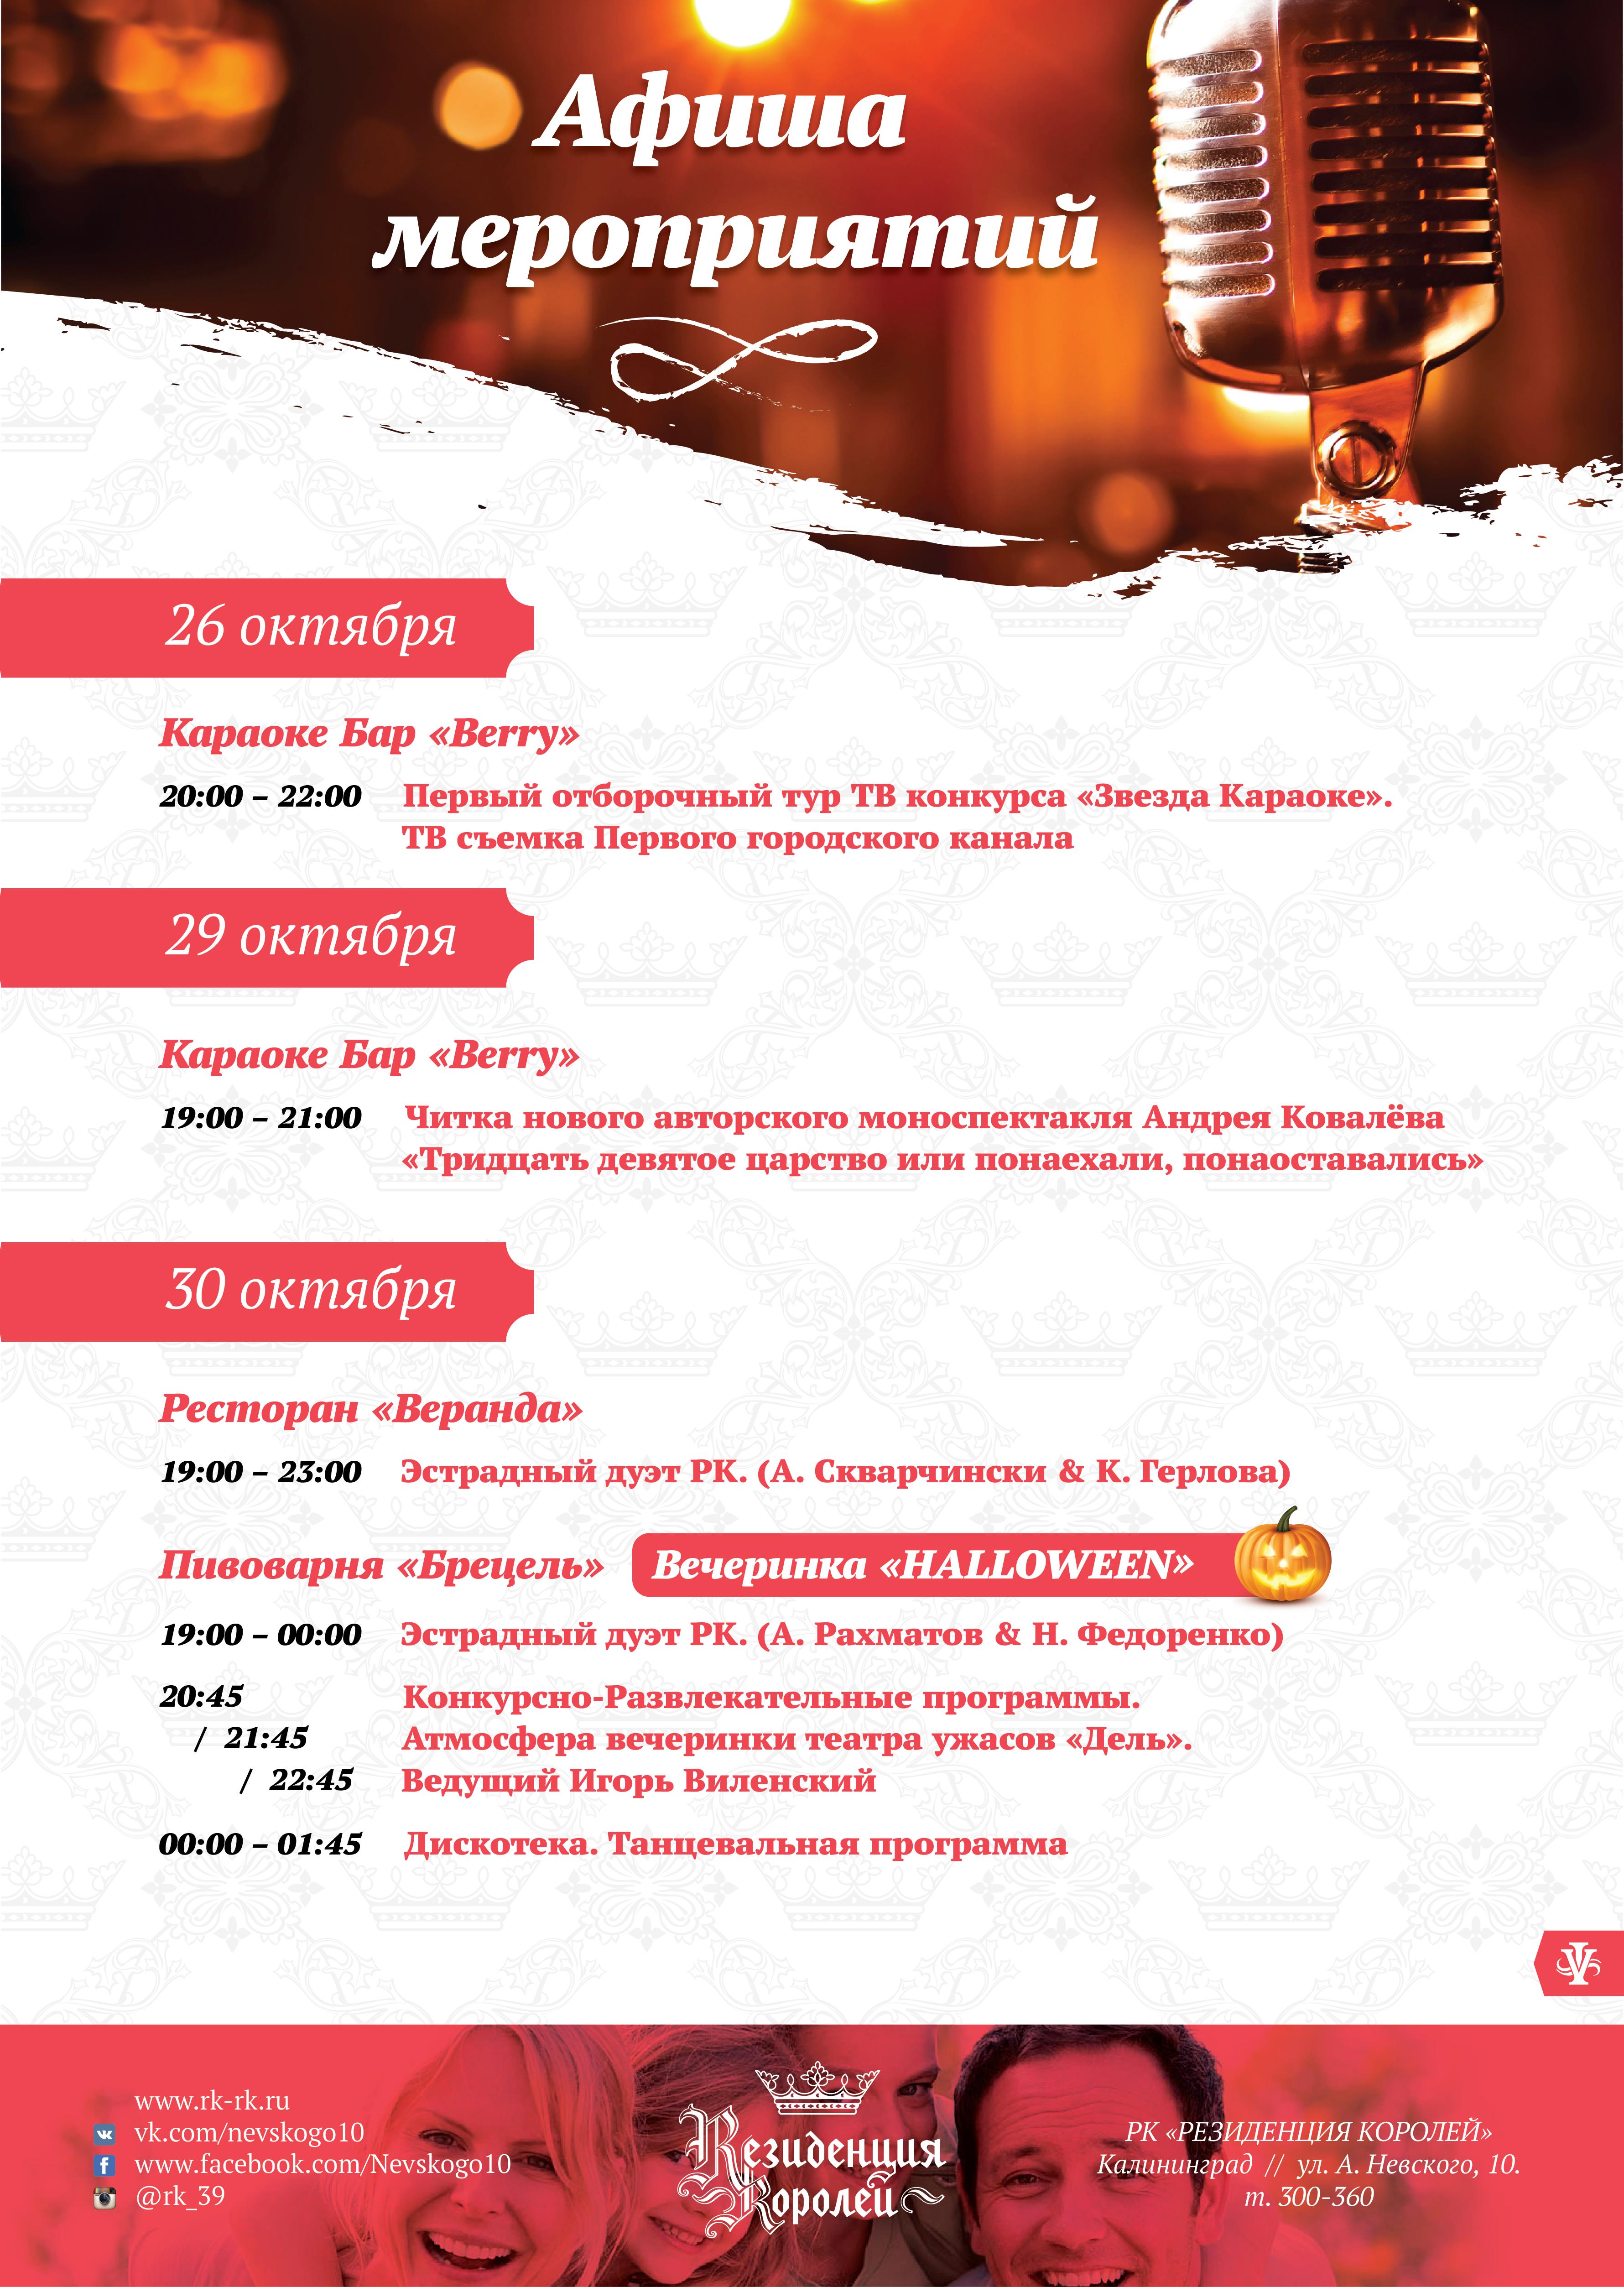 Афиша кино в Сургуте Кинотеатры Интеркино Вершина Мир